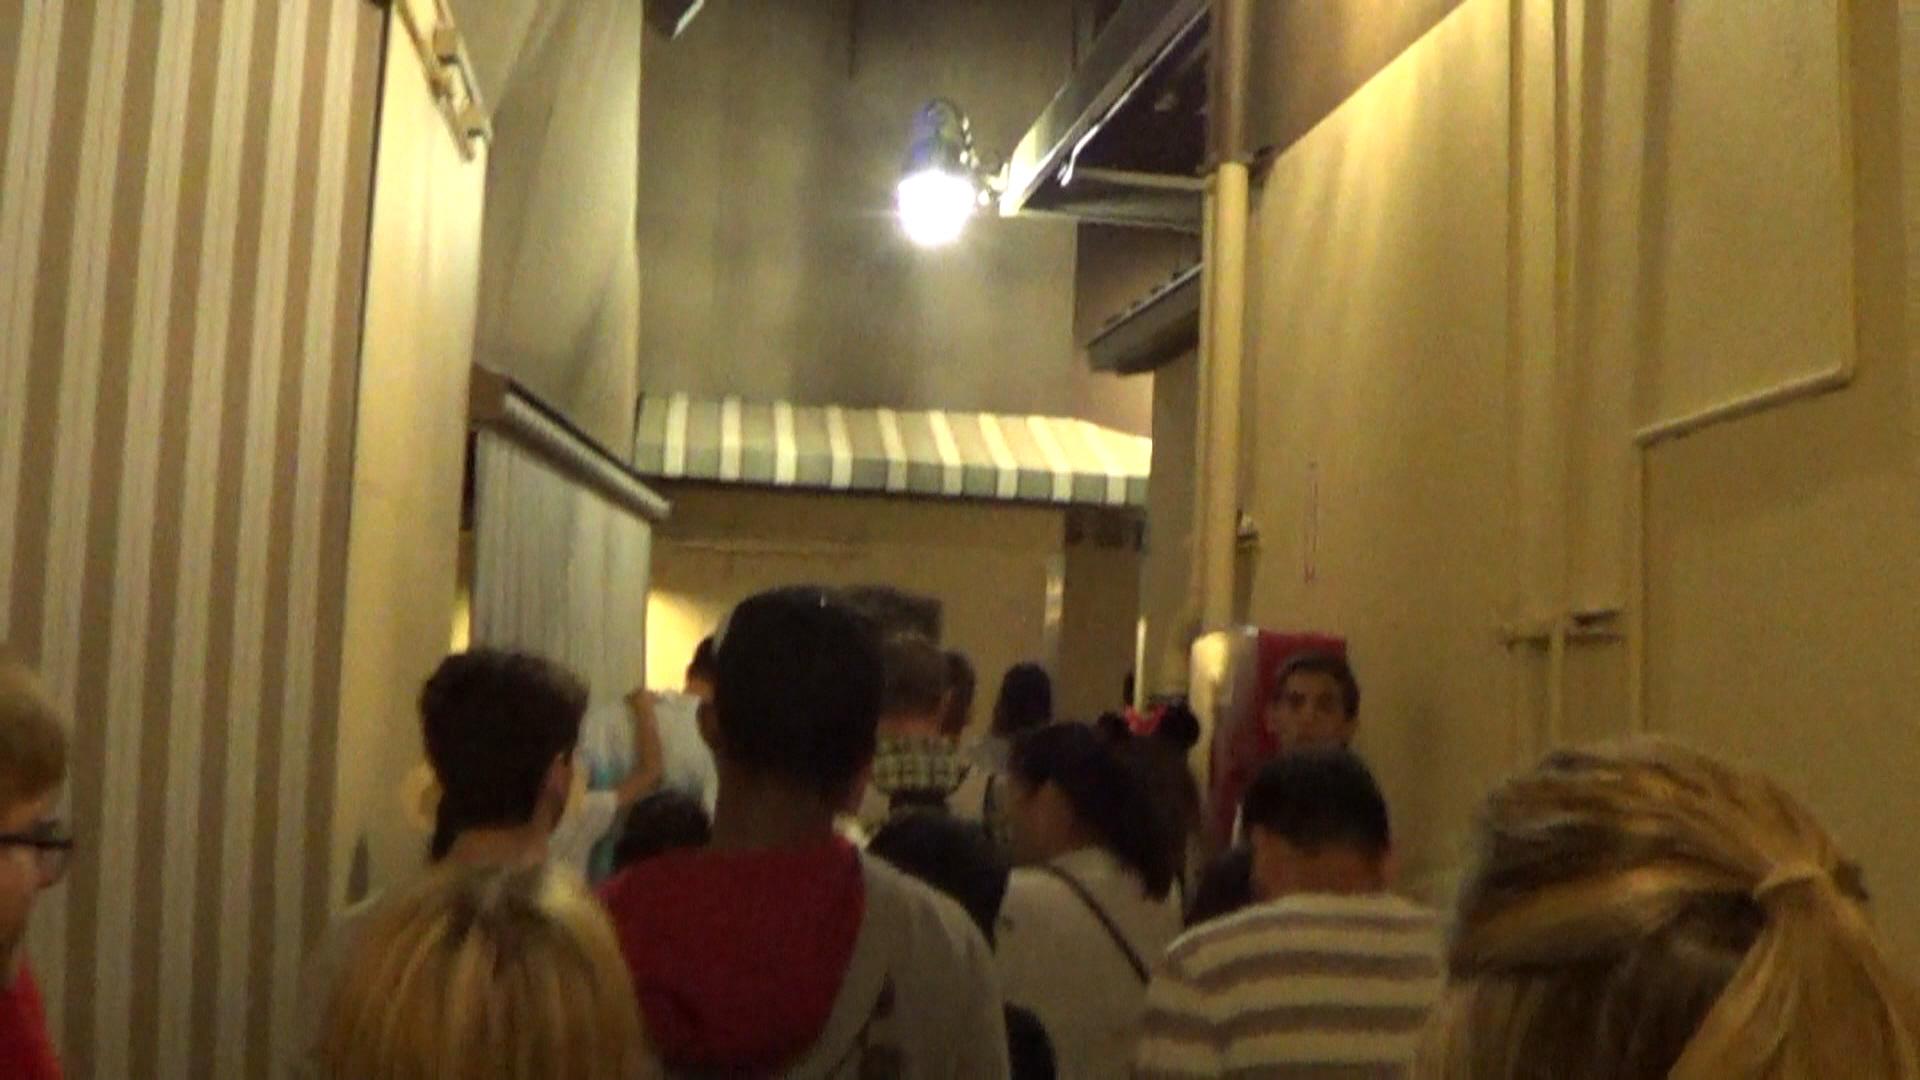 03 Disneyland - Alley behind the Emporium